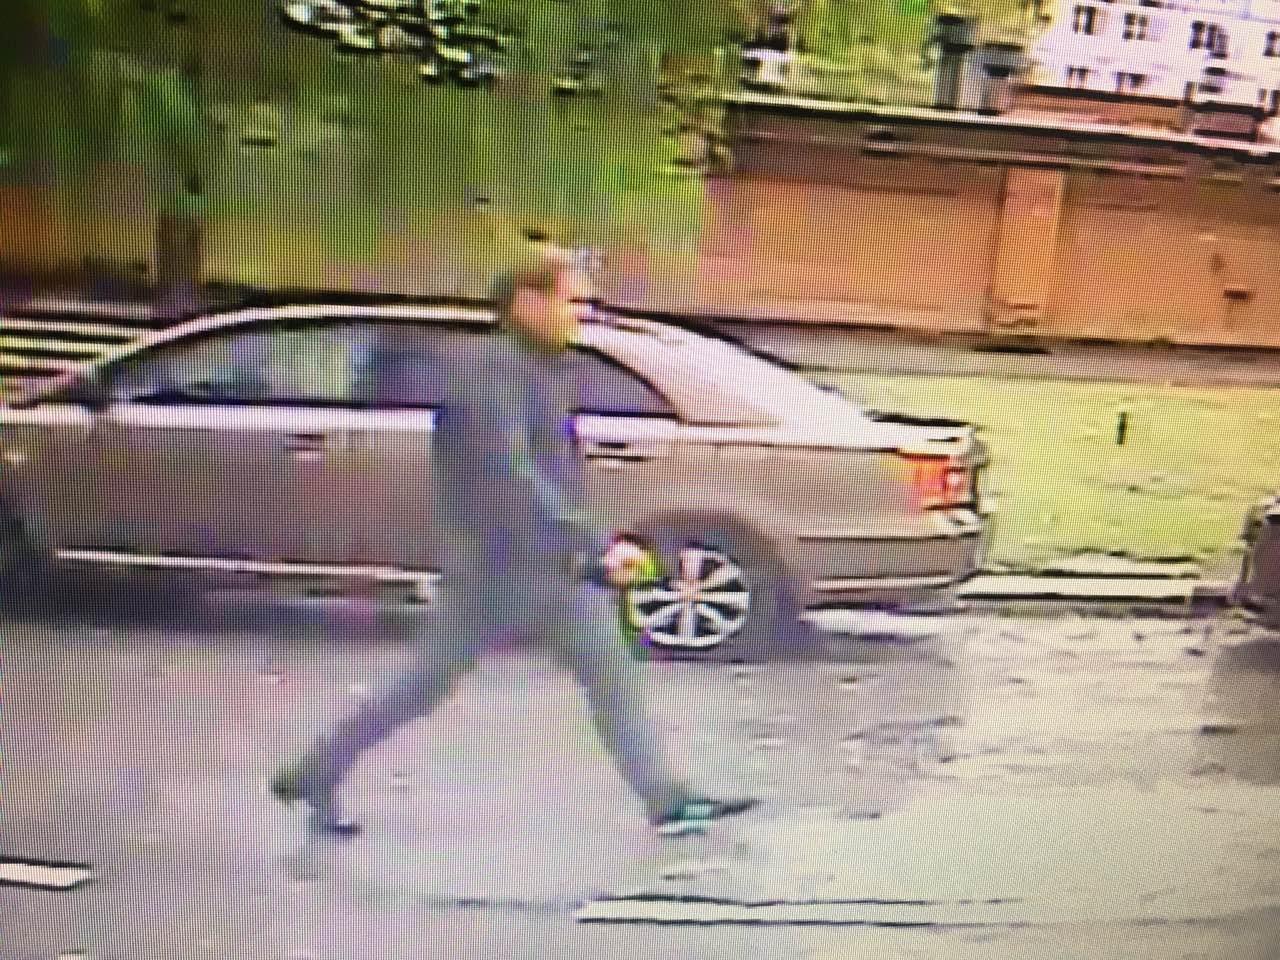 В Тольятти объявлено вознаграждение за информацию о подозреваемом в грабеже